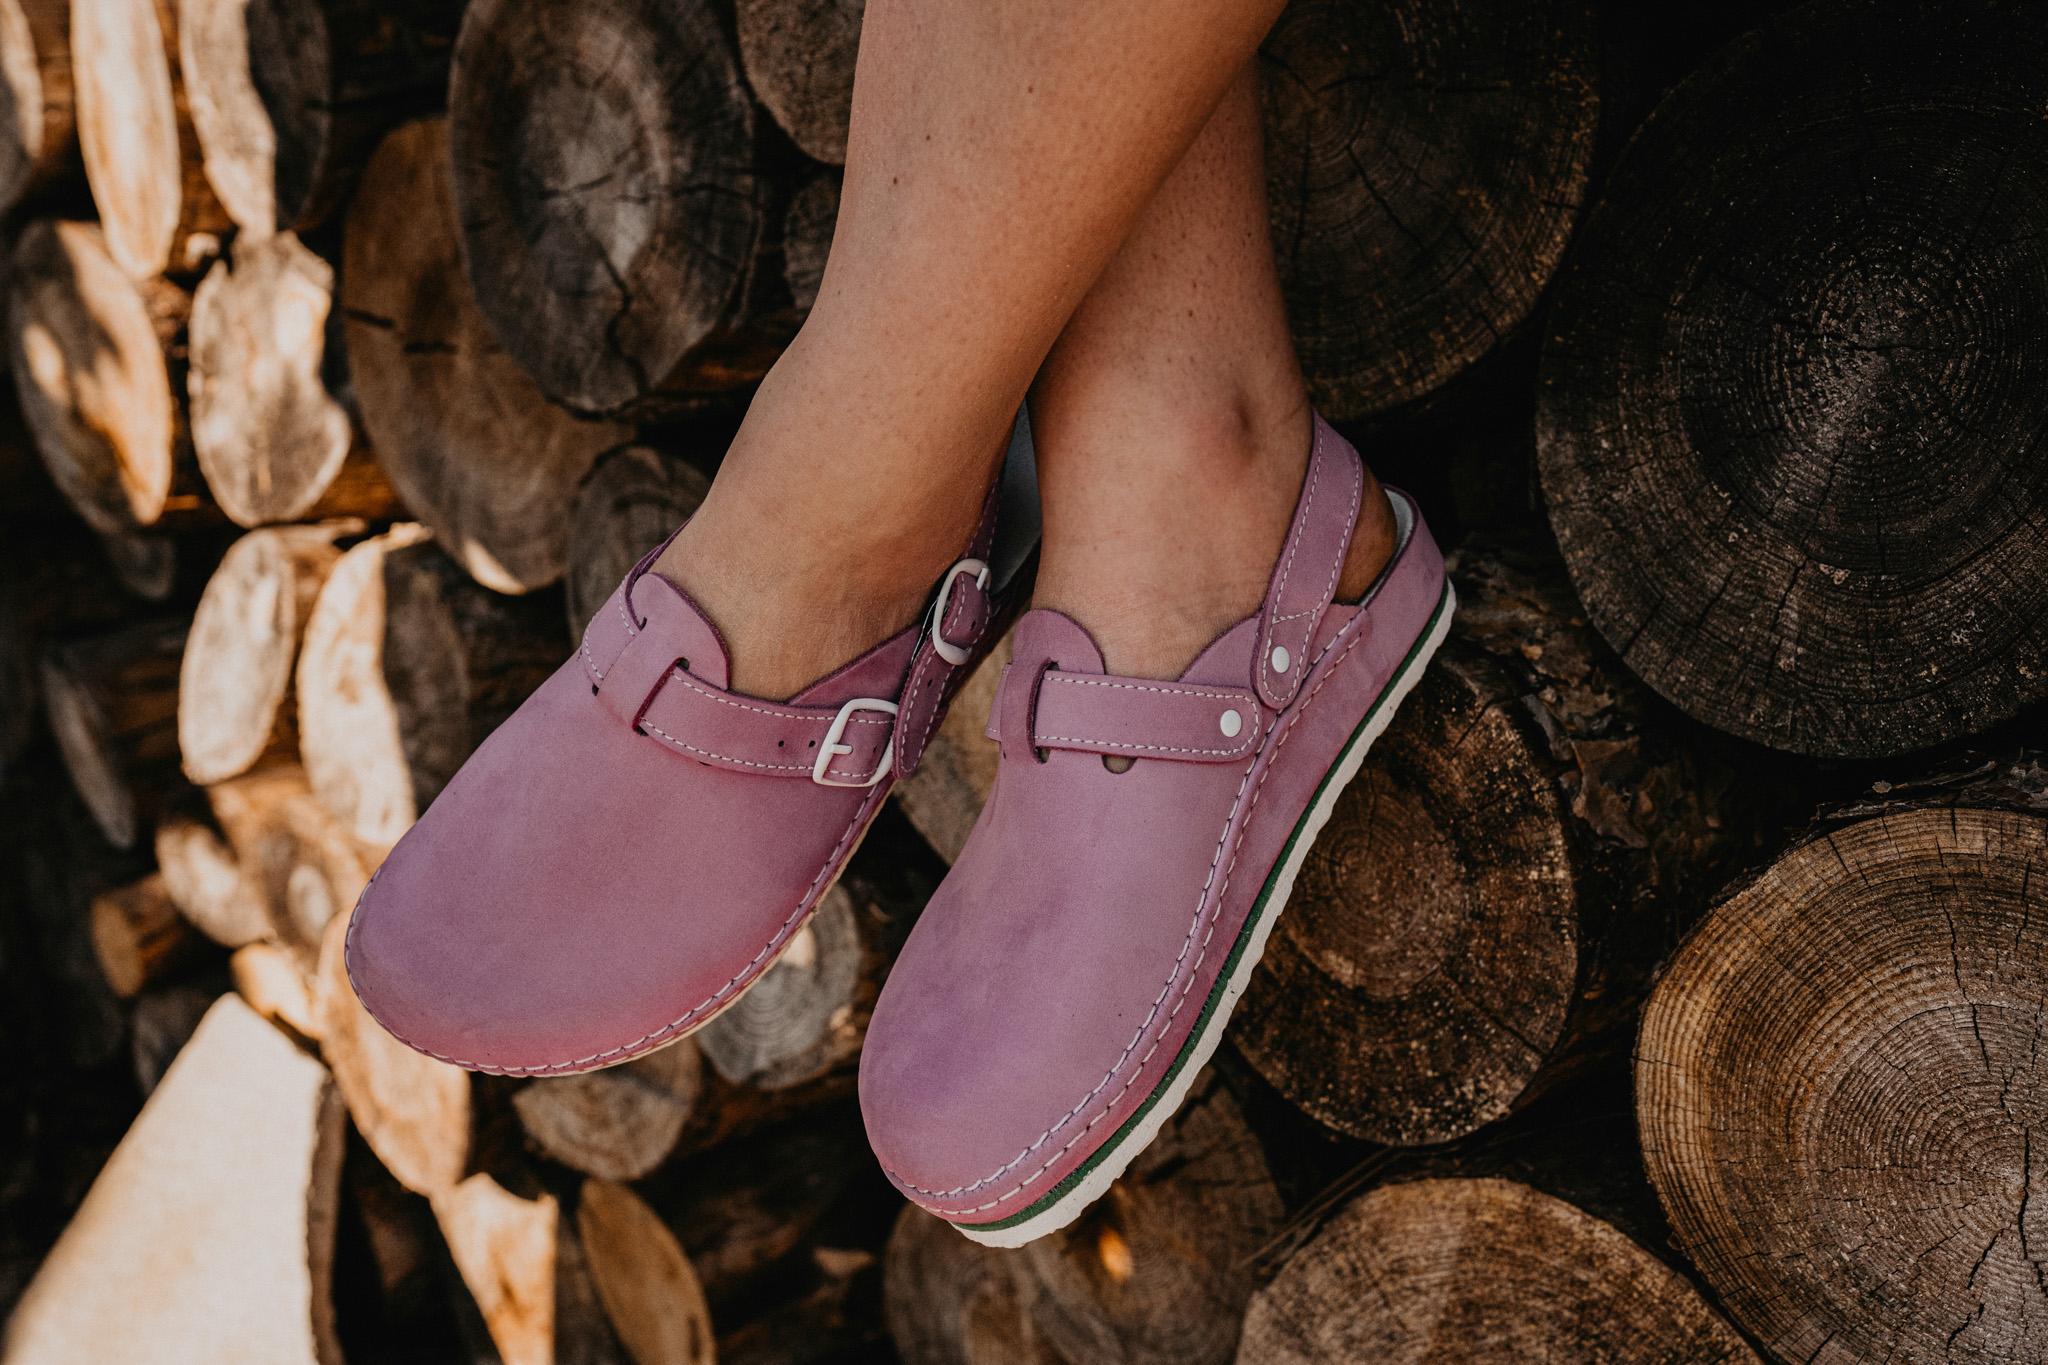 Jak vybrat správnou botu?